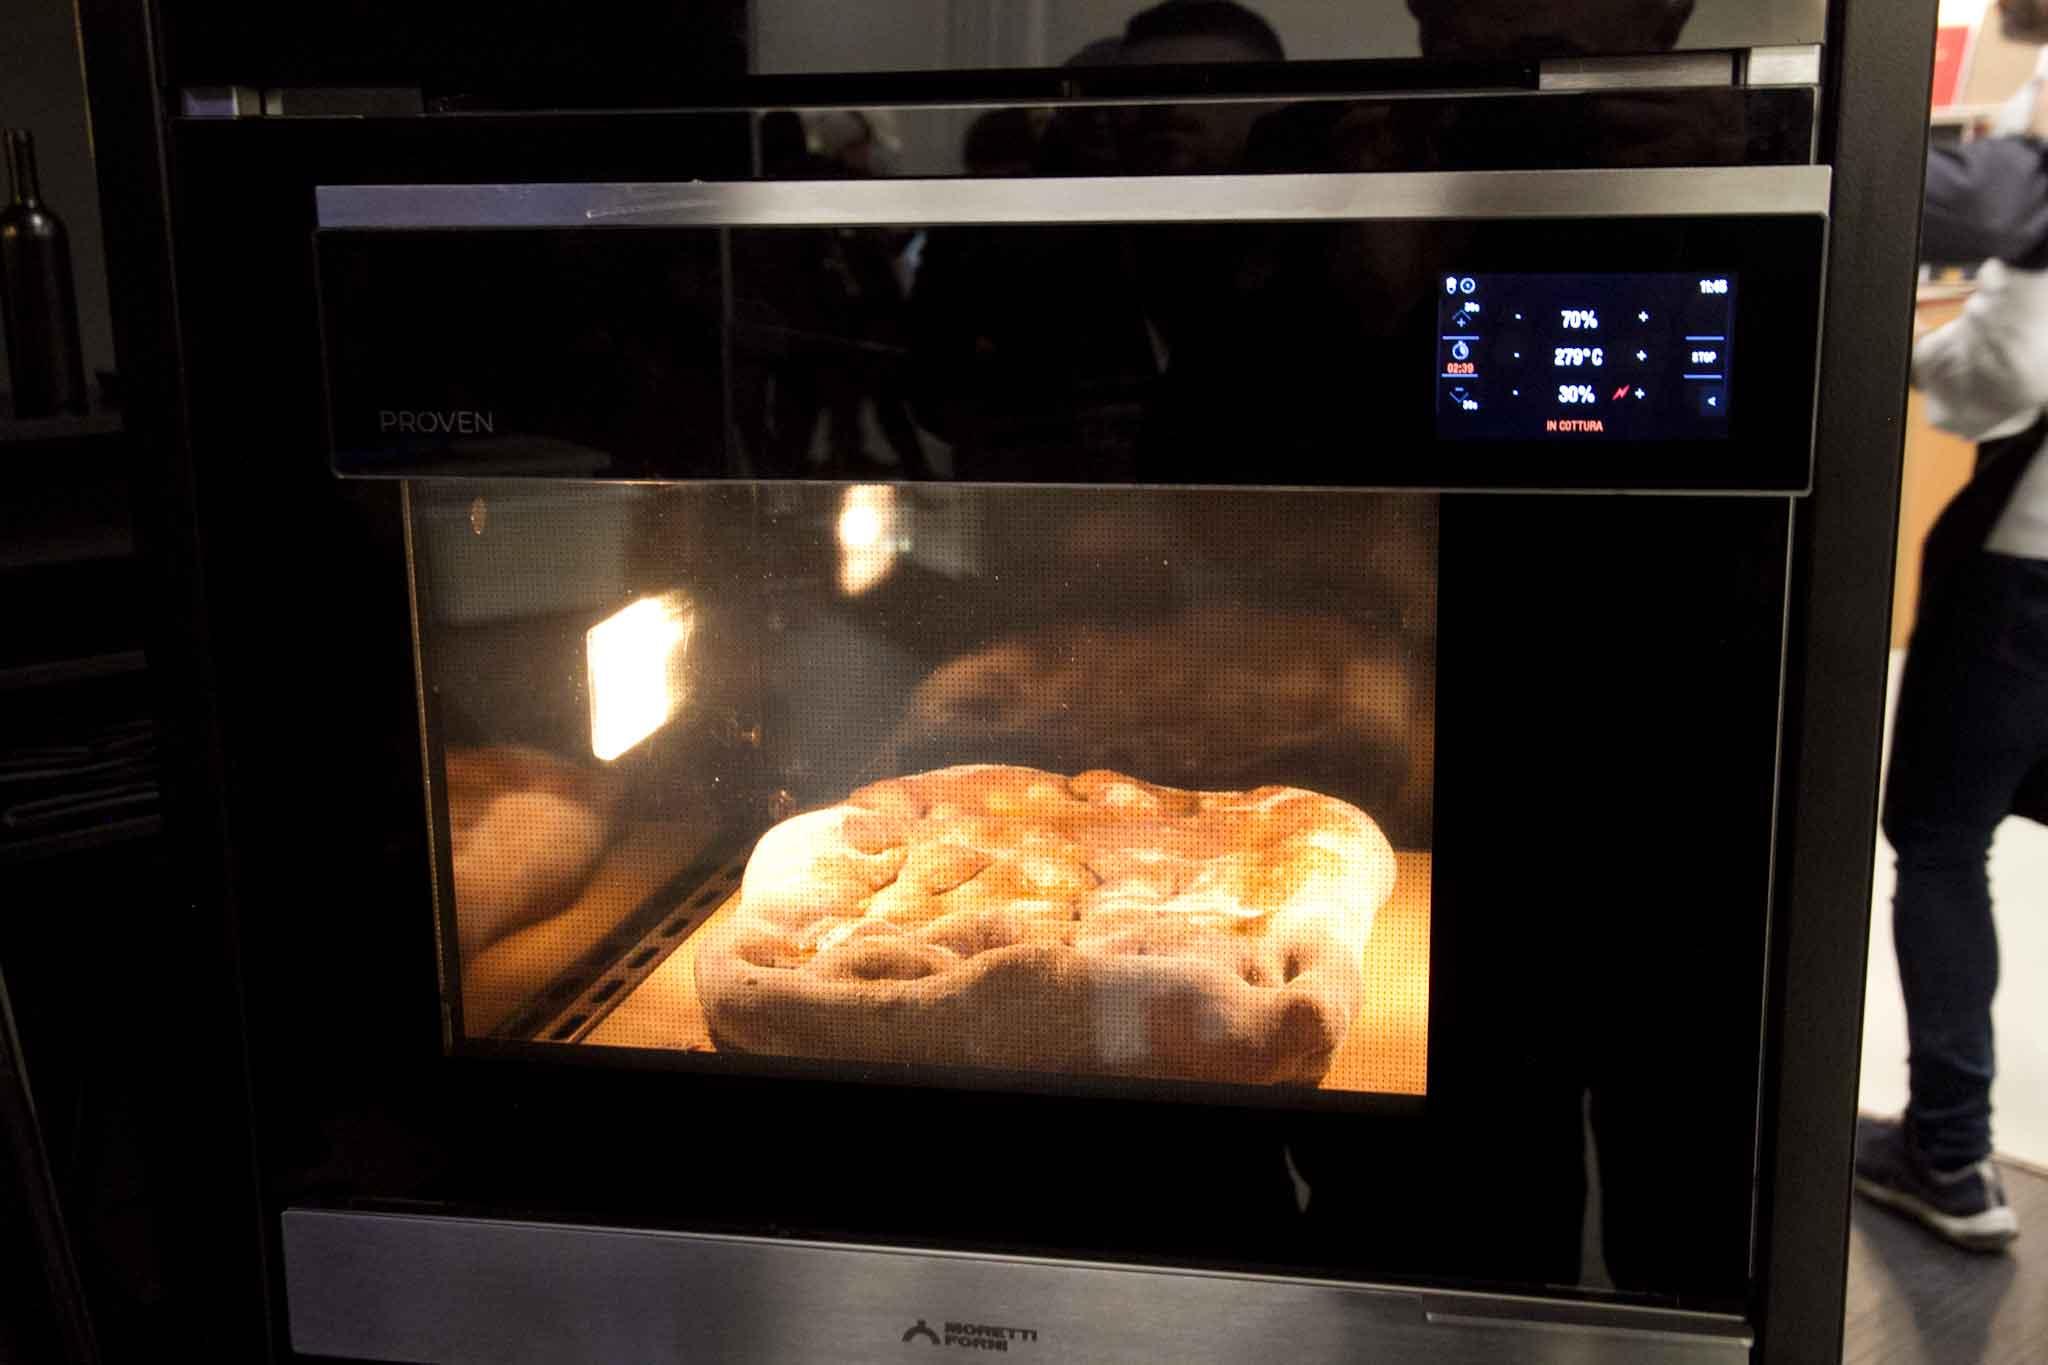 Cos 39 proven il forno che vi permette di fare qualsiasi - Forno elettrico pizza casa ...